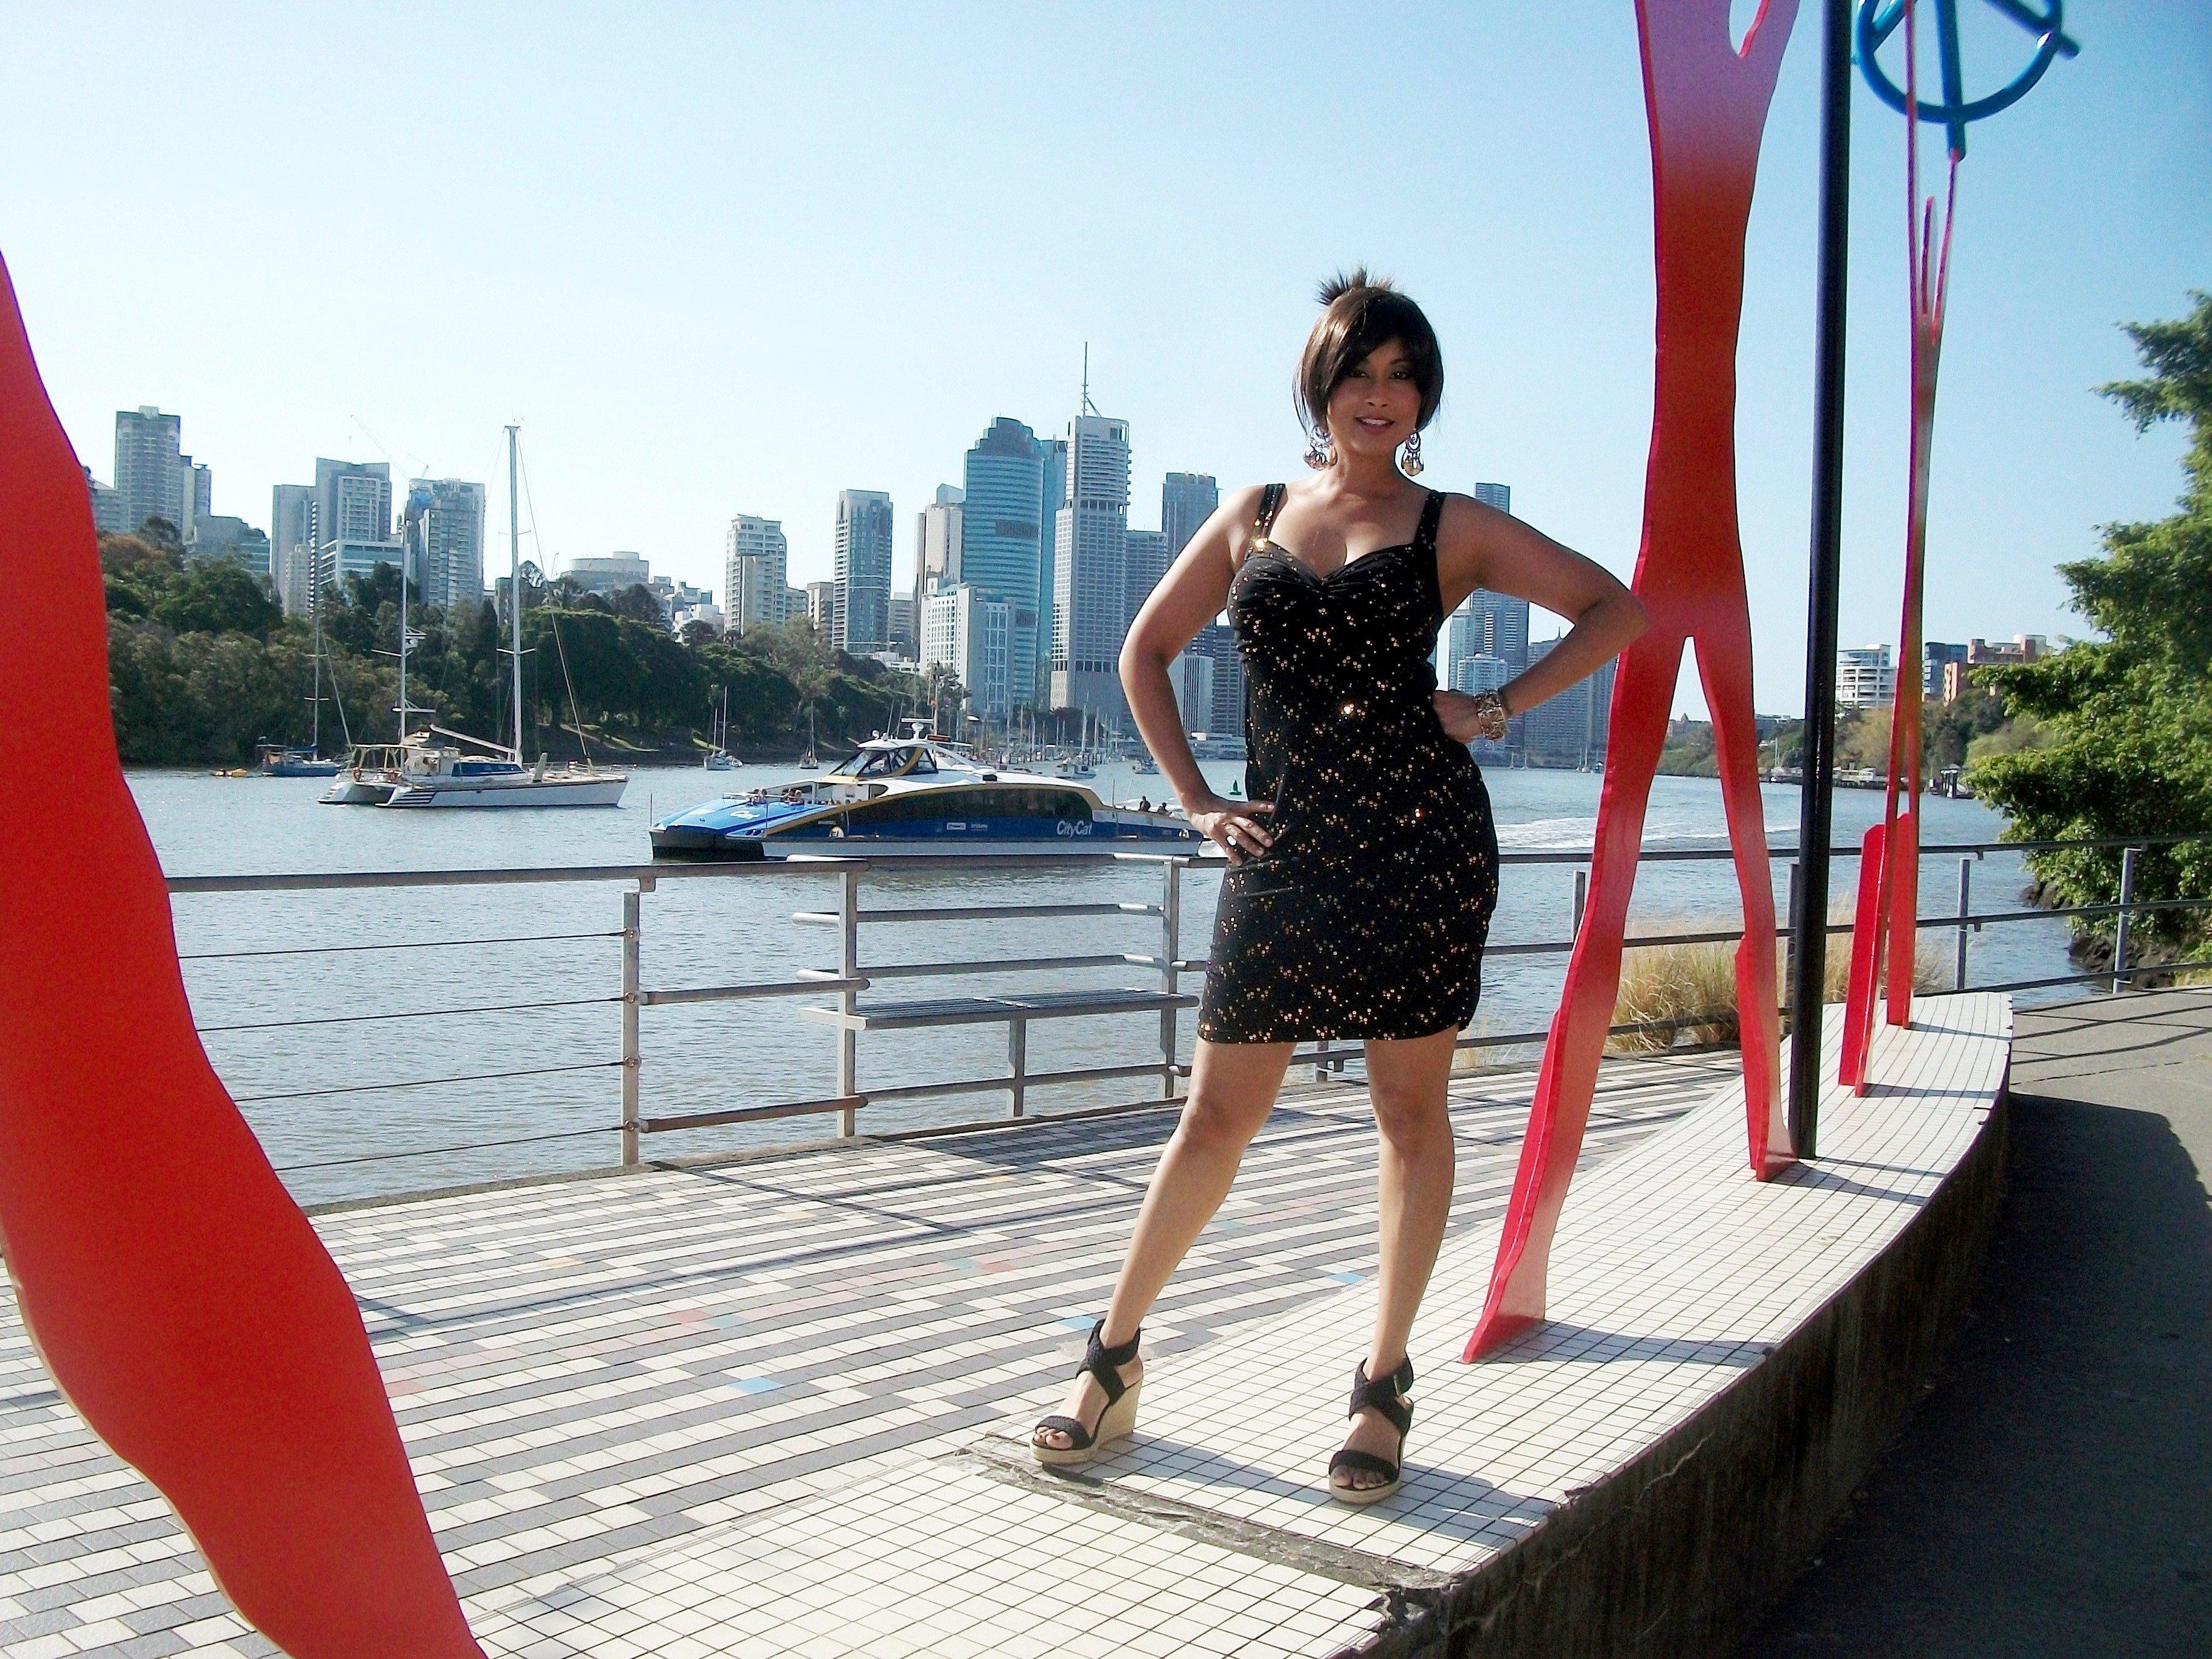 Aiysha saagar pop singer | Surf, Sun and bikini with ...